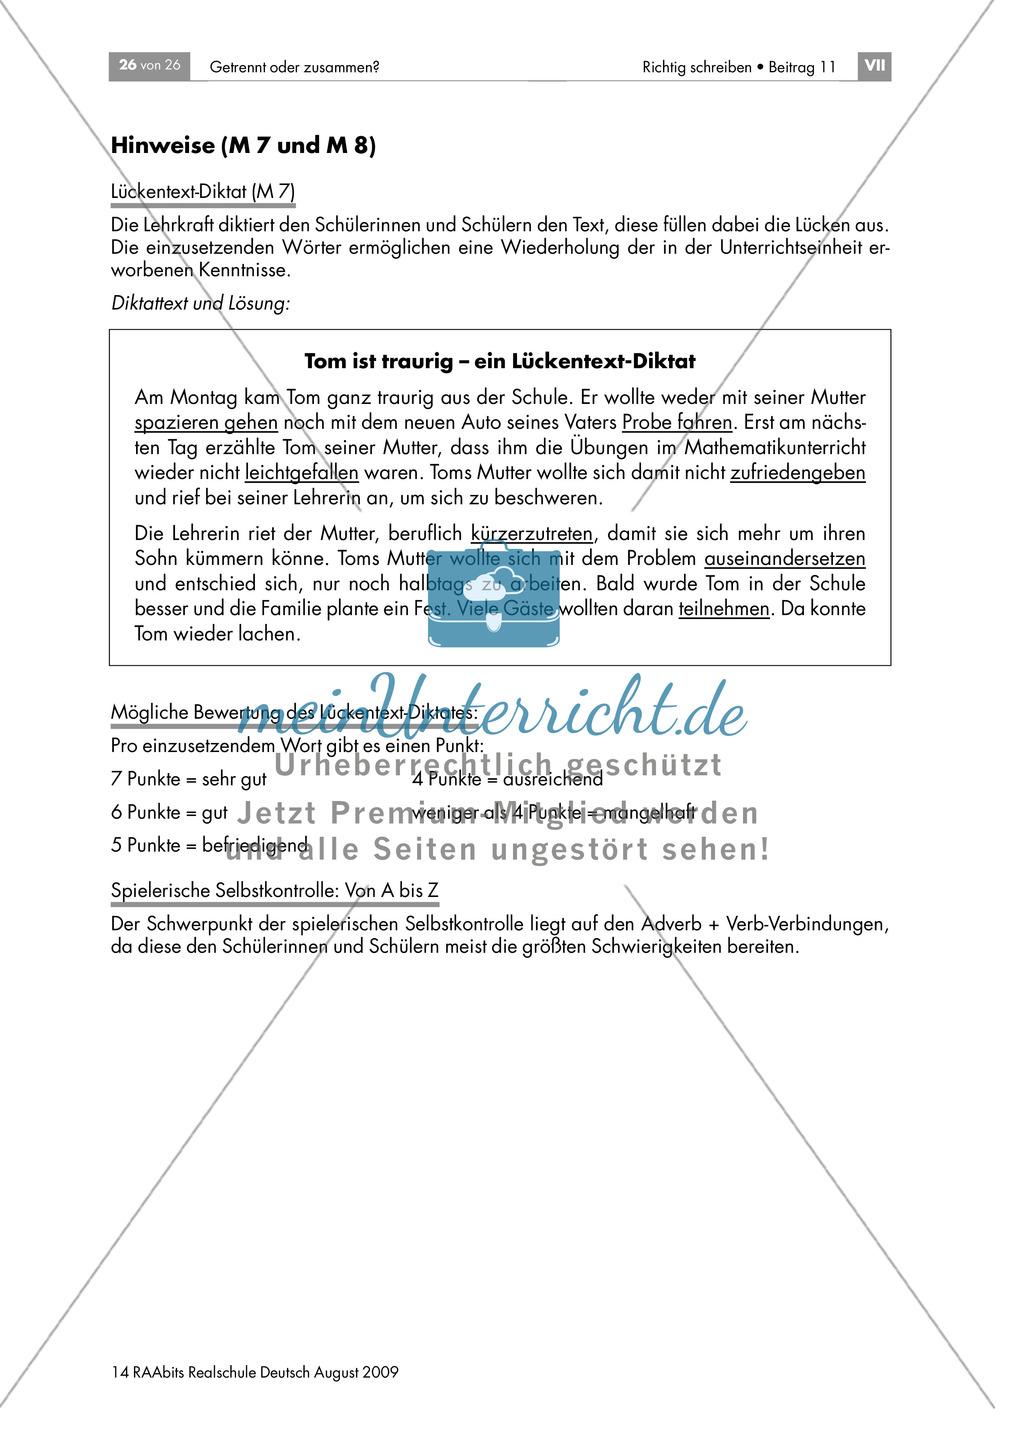 Selbstkontrolle: Getrennt- und Zusammenschreibung: Lückentext + Hinweise: Material einzeln Preview 2